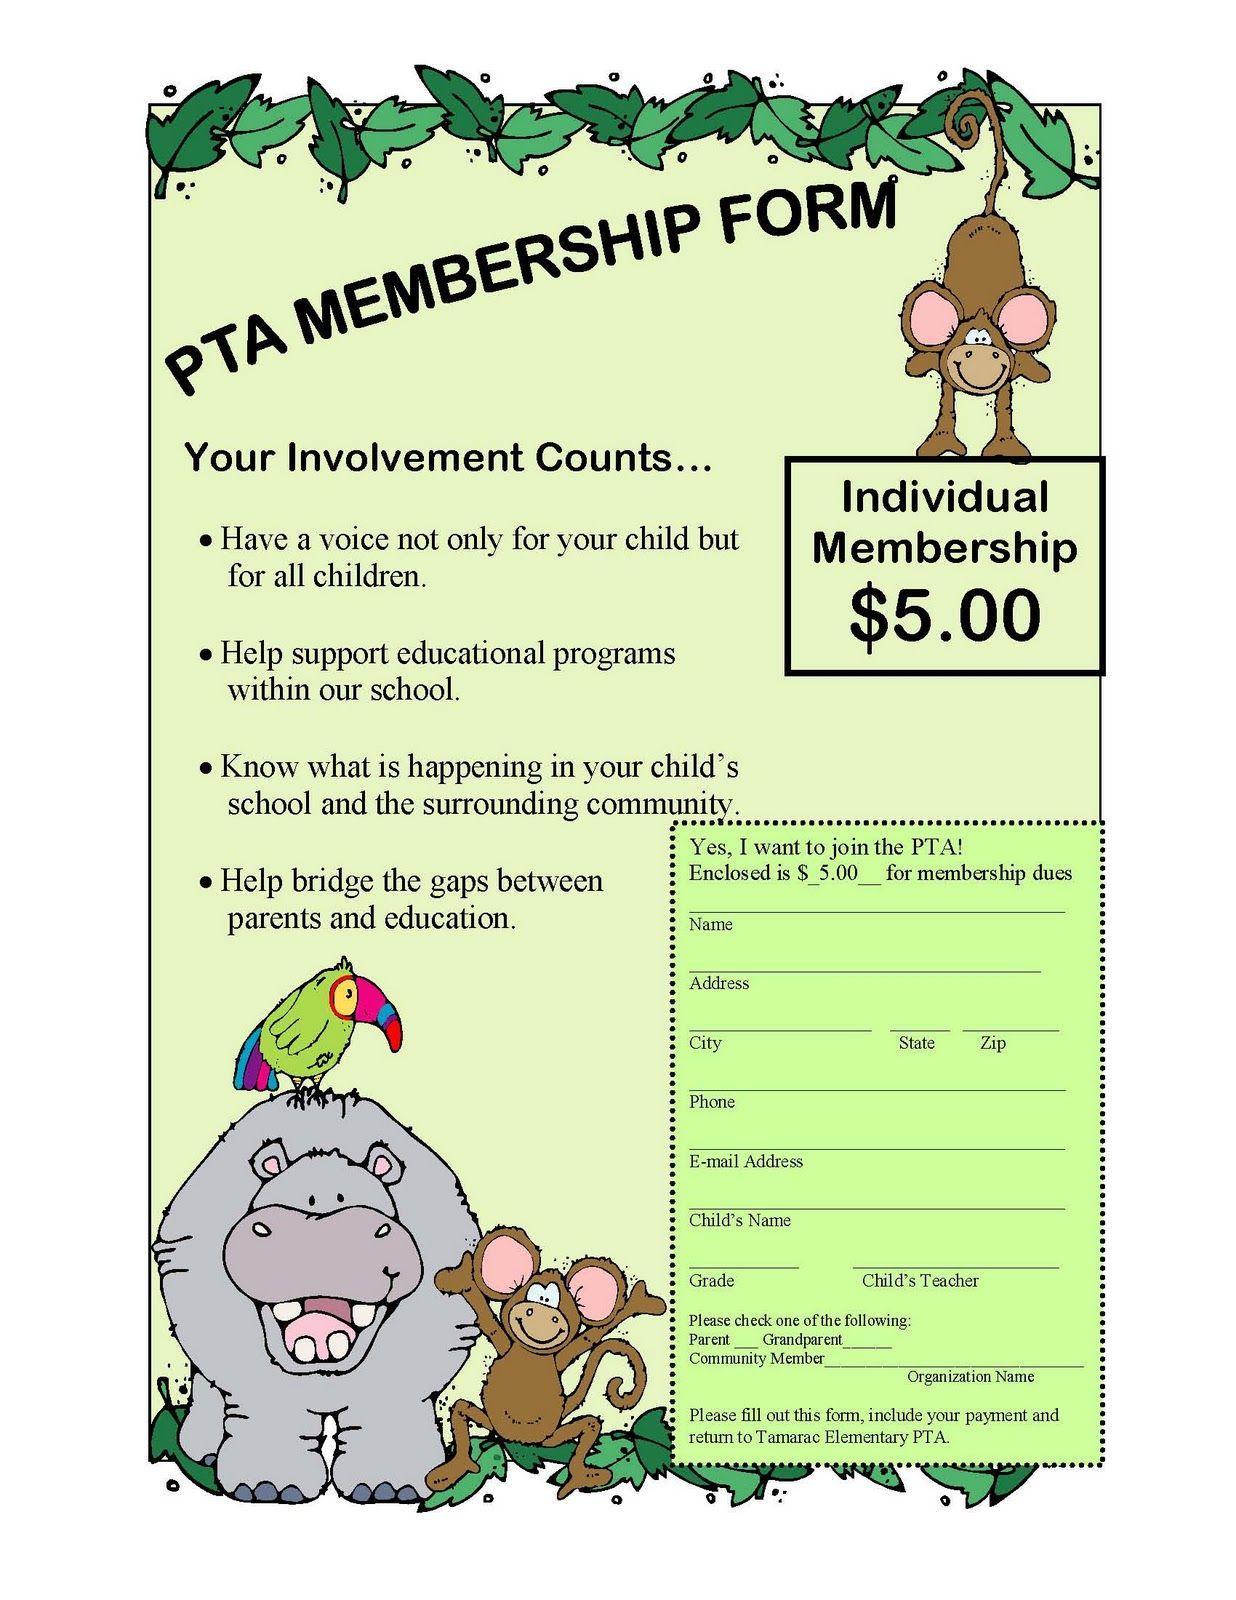 Tiger News: PTA Membership Drive through October 31st | PTA ...